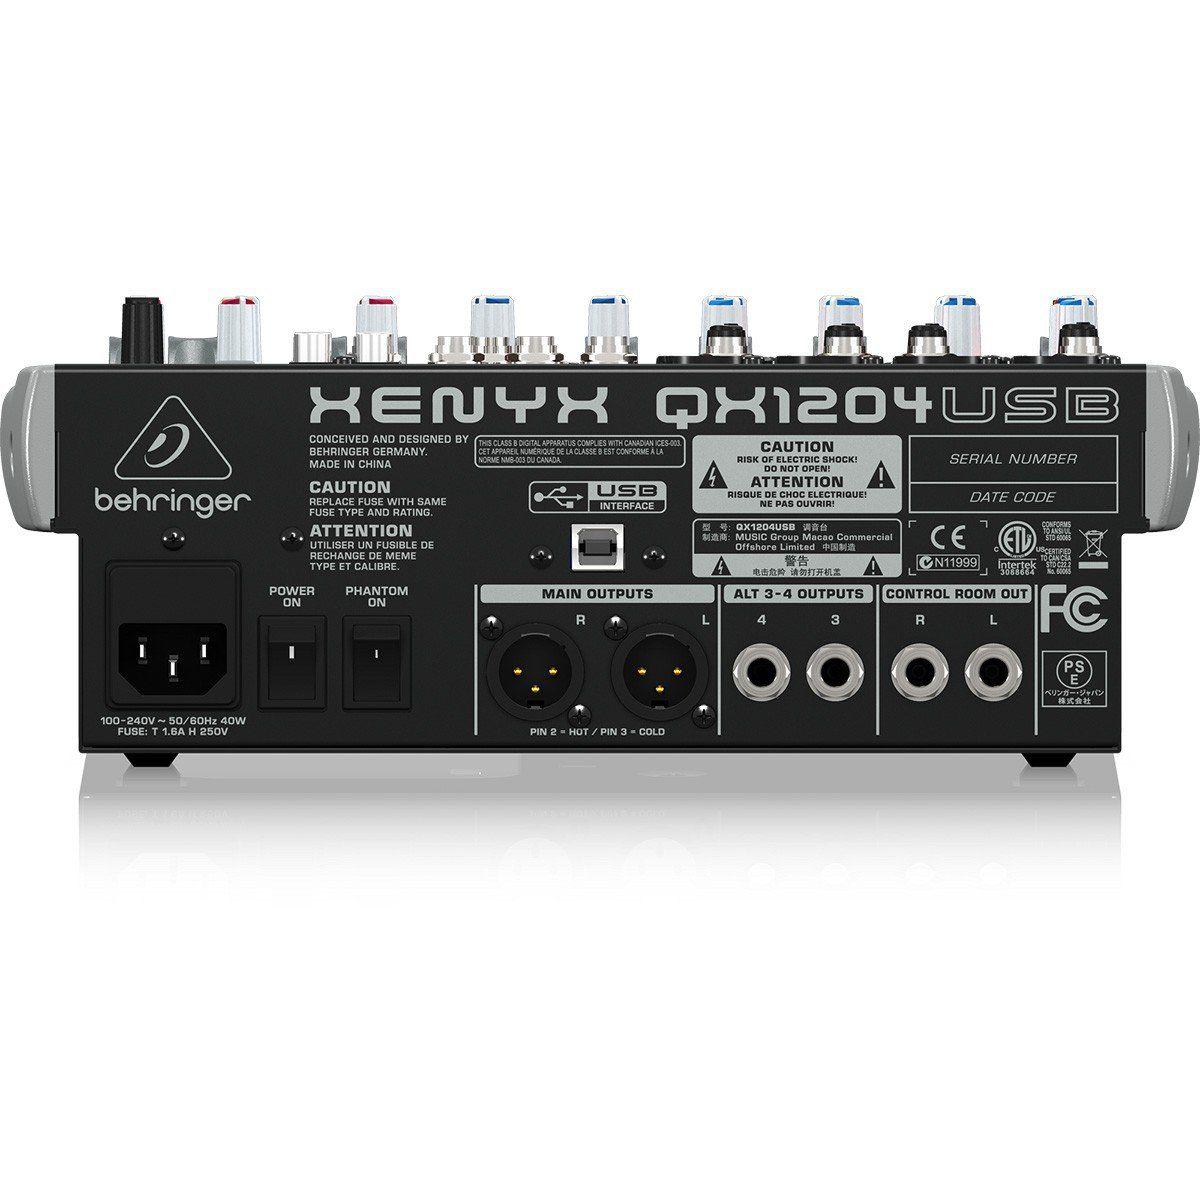 Behringer Xenyx Qx1204Usb Mesa de Som QX-1204-Usb com 12 Canais